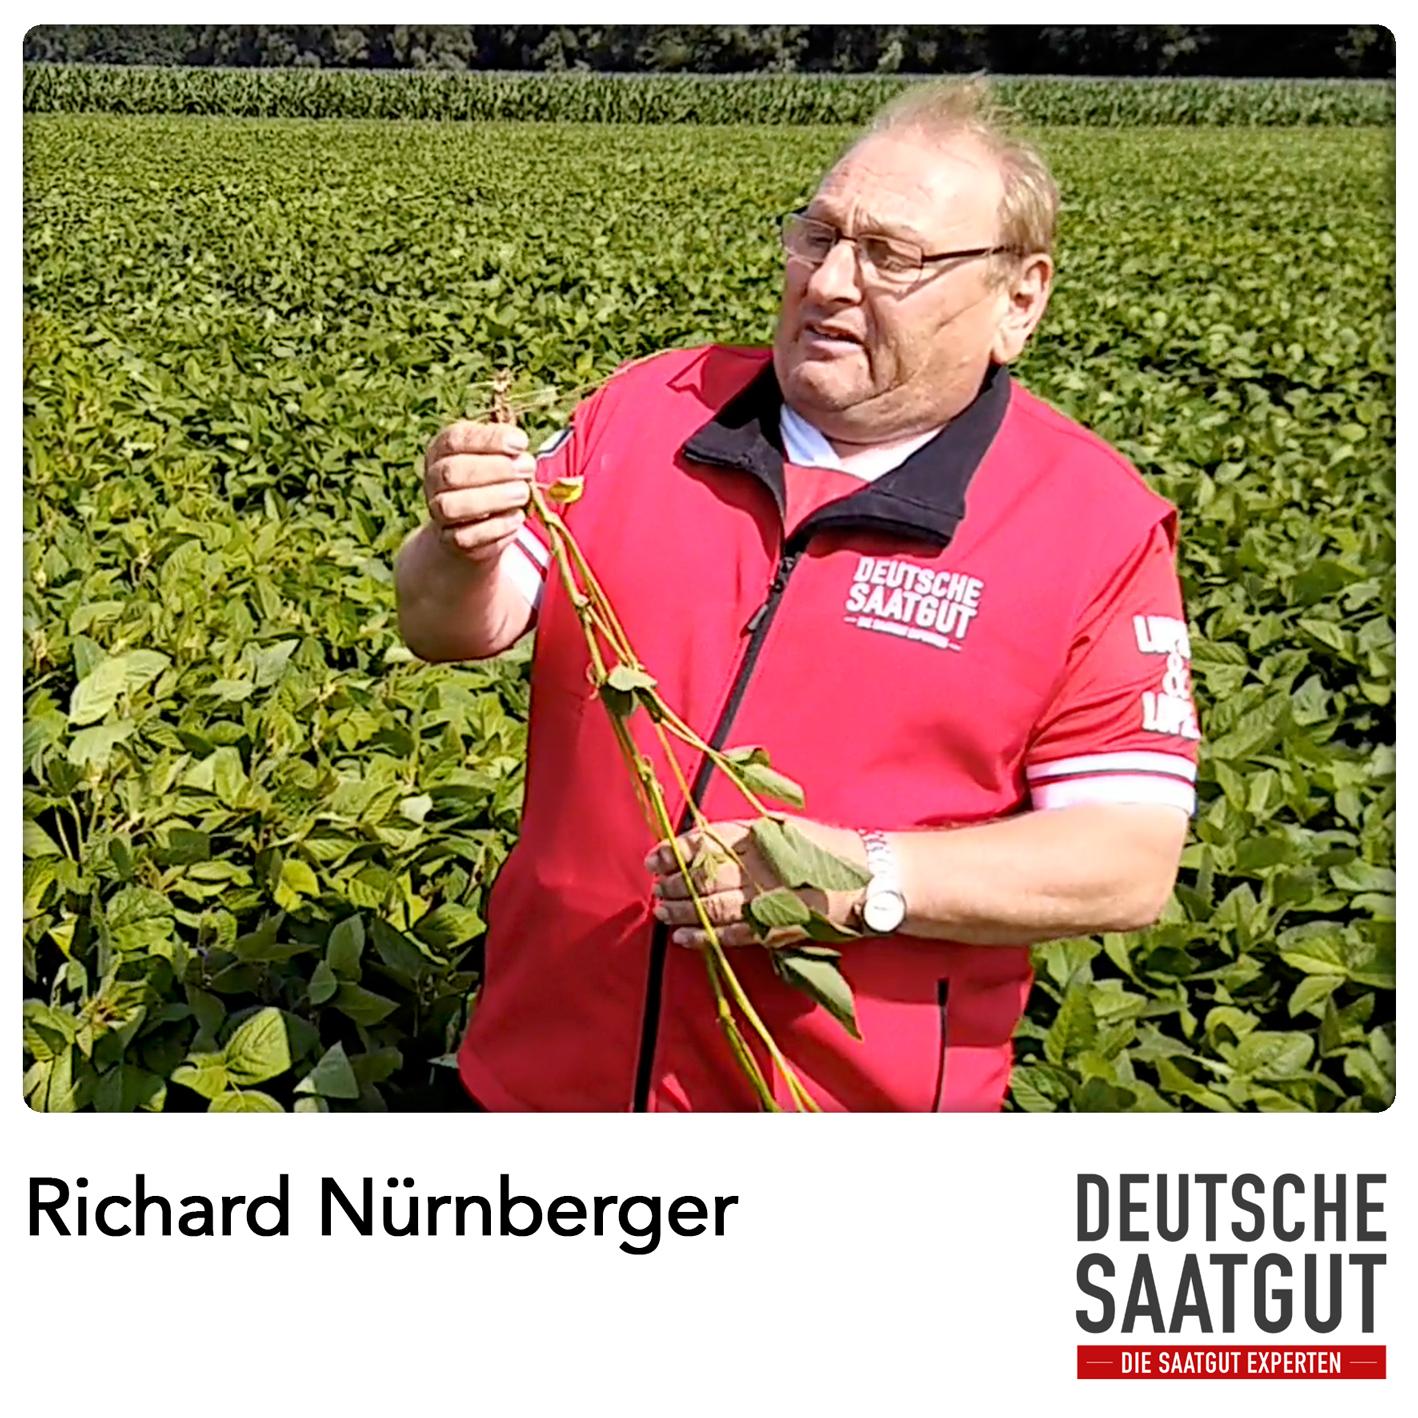 Richard Nürnbeger beim Soja-Exaktversuch in Tapfheim (Bayern)